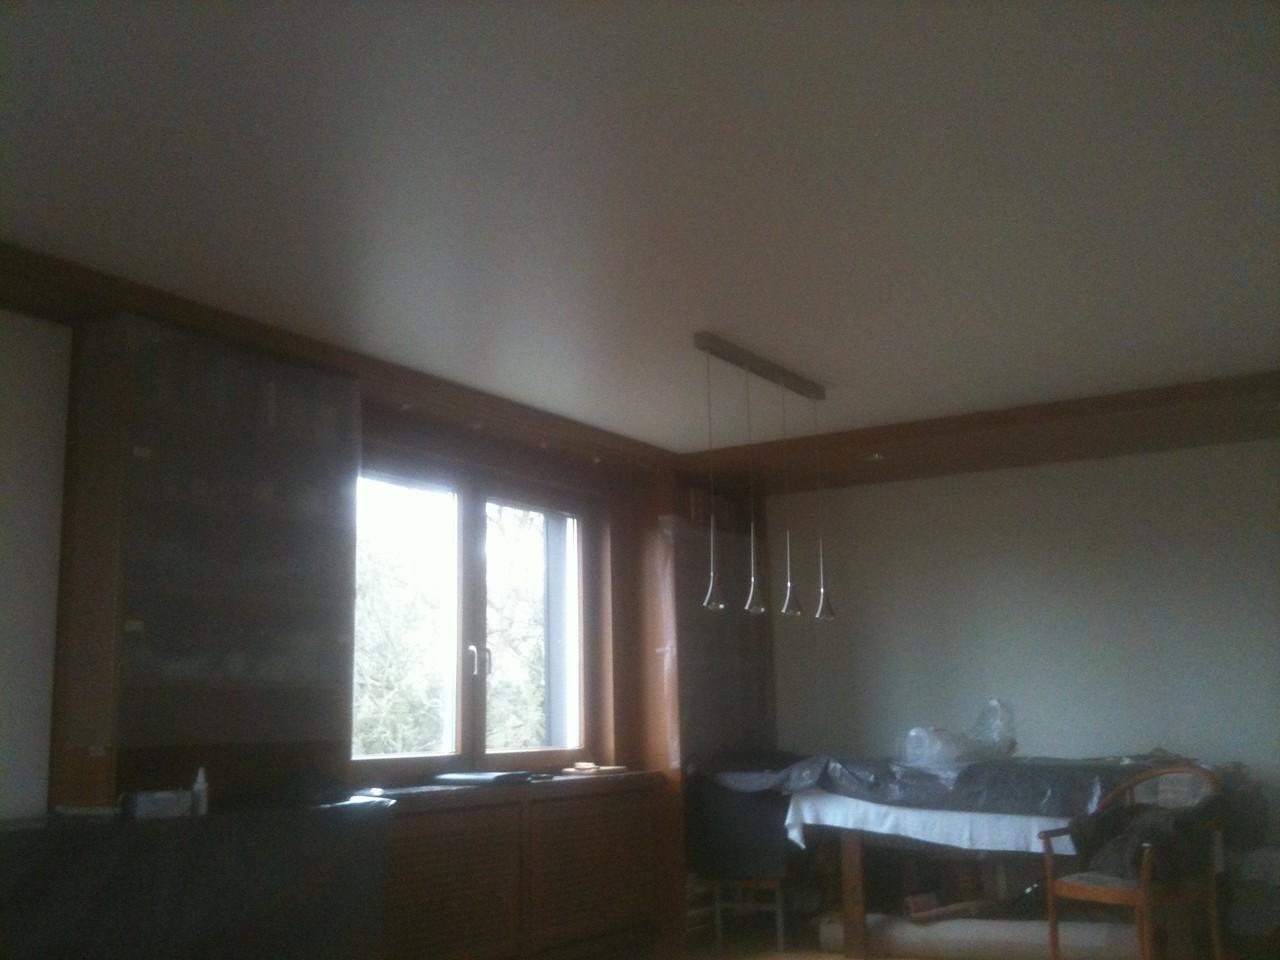 Spanndecke Weiß seidenglänzend Wohnzimmer Wetter